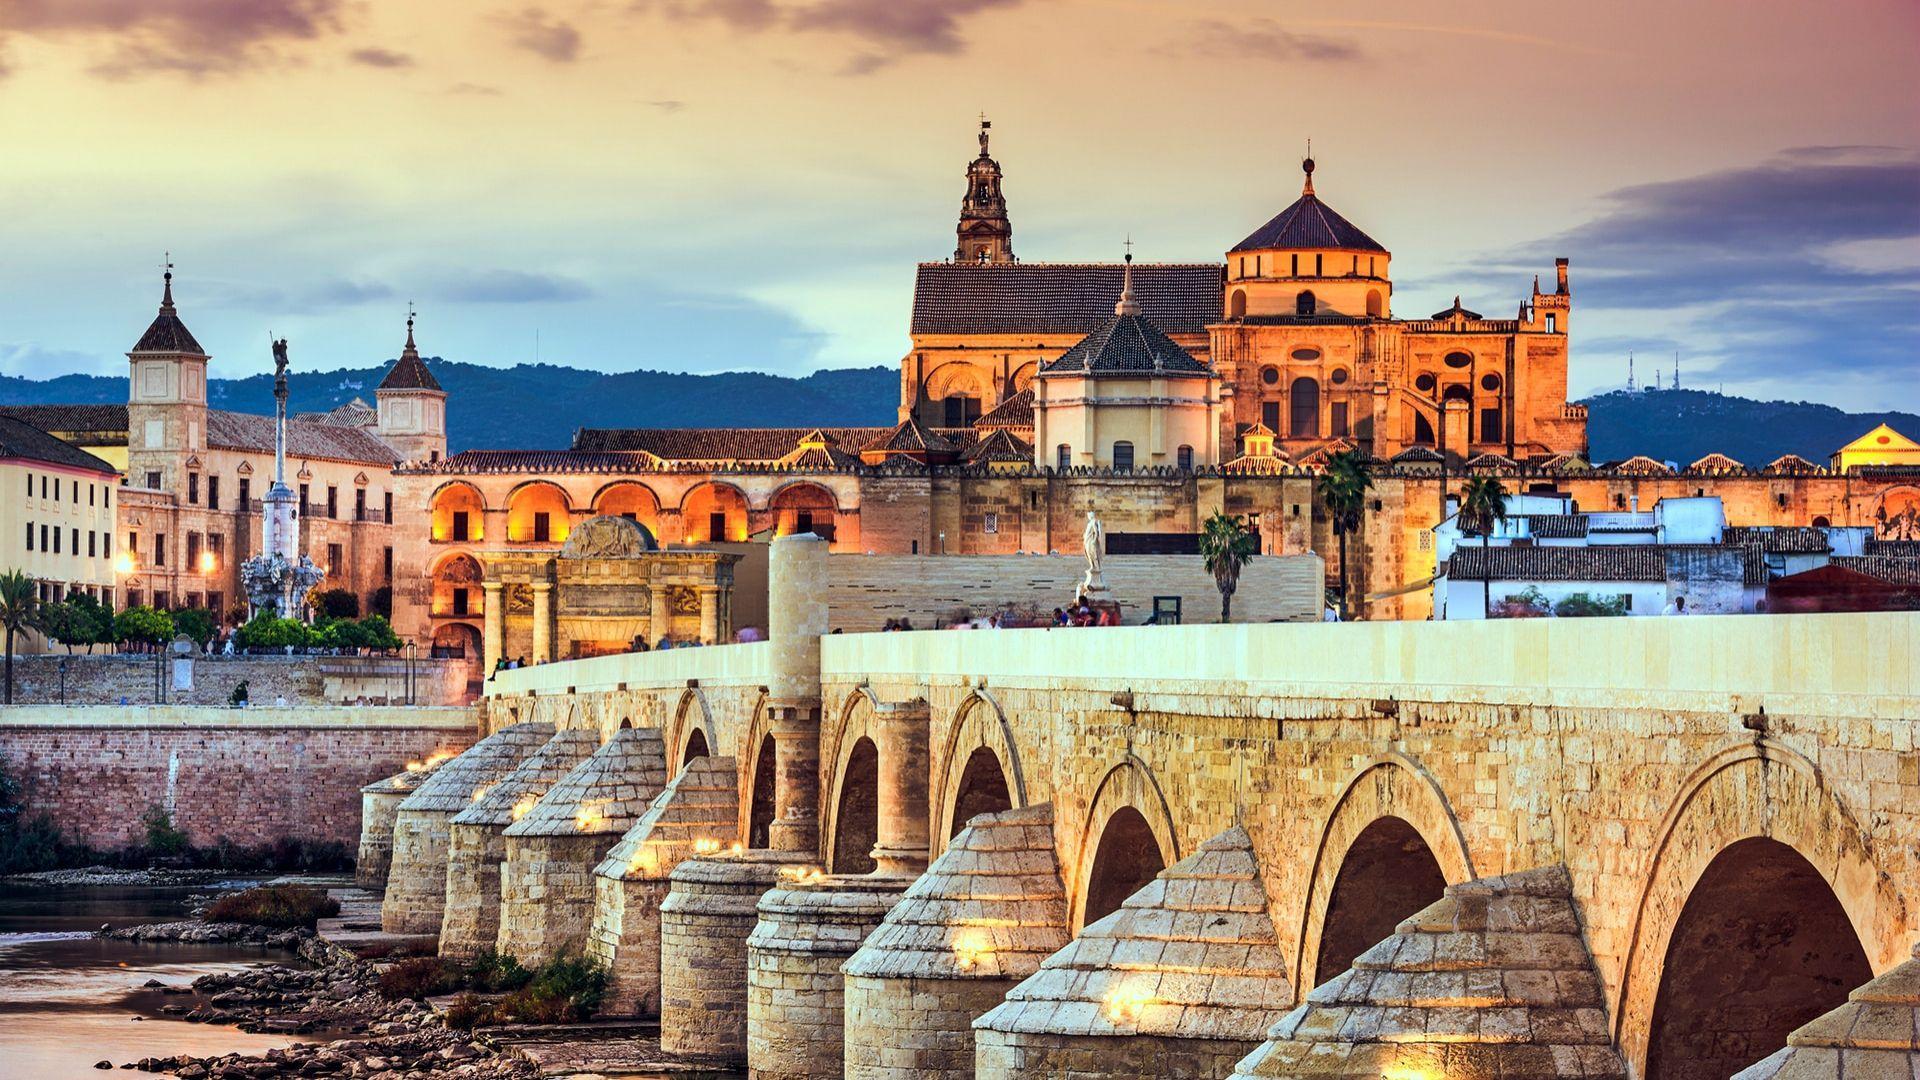 Nuostabioji Kordoba